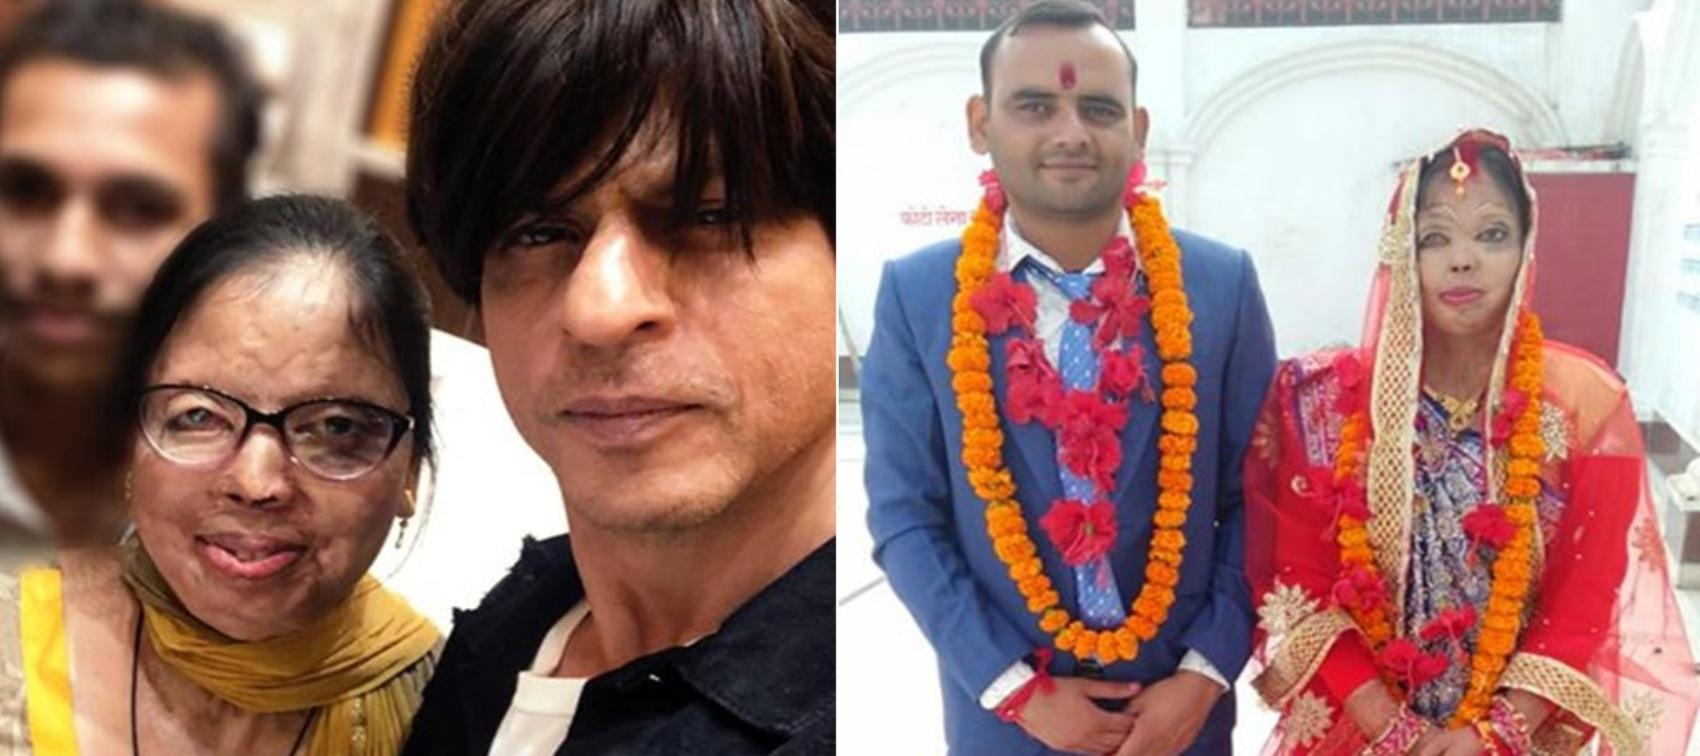 शाहरुख़ खान के एनजीओ मीर फाउंडेशन ने तेज़ाब पीड़िता की ज़िन्दगी में भरी खुशियां।